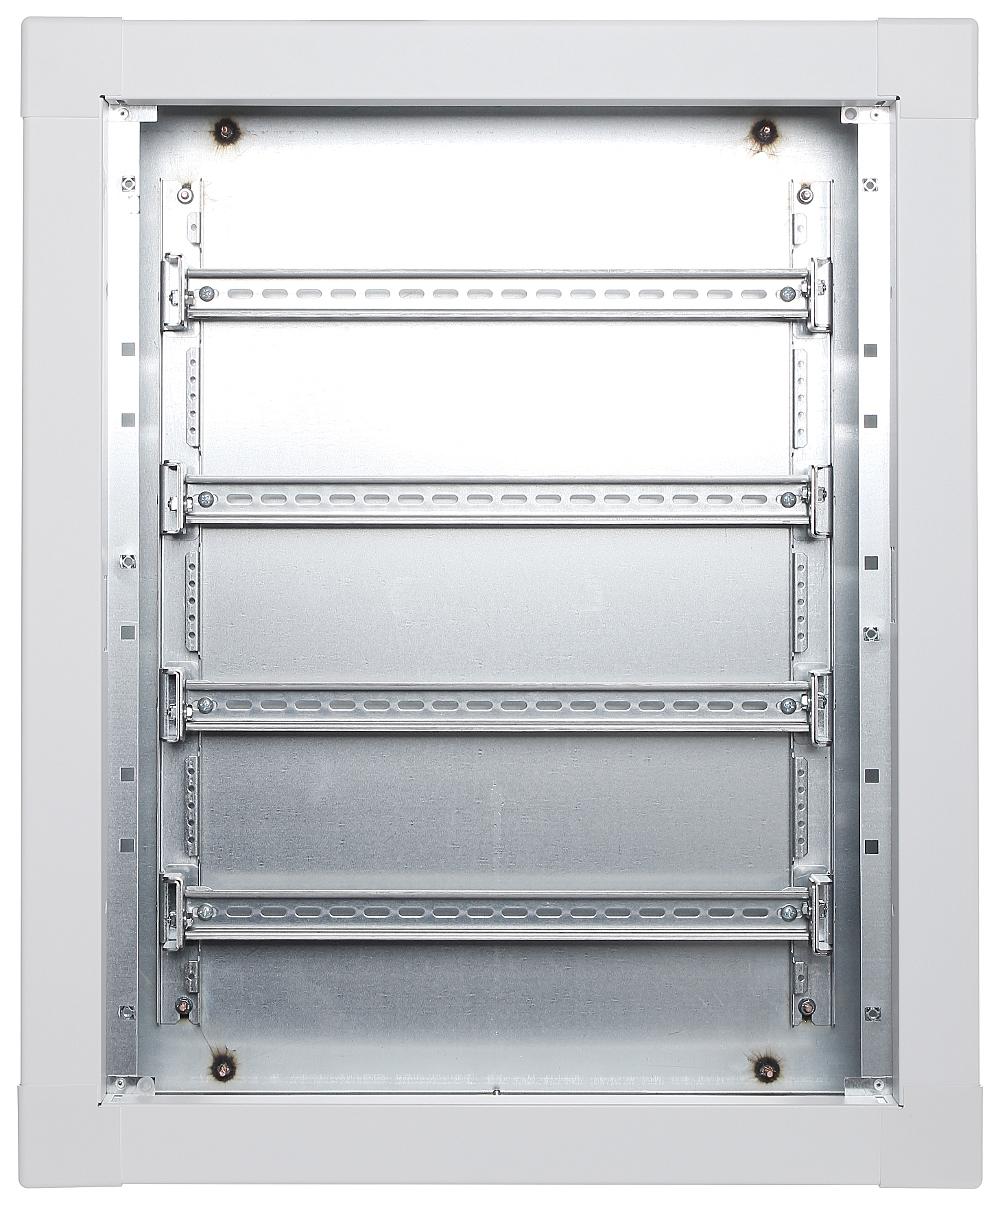 Quadro elettrico da incasso a 96 moduli le 337224 xl3 for Quadro esterno 72 moduli